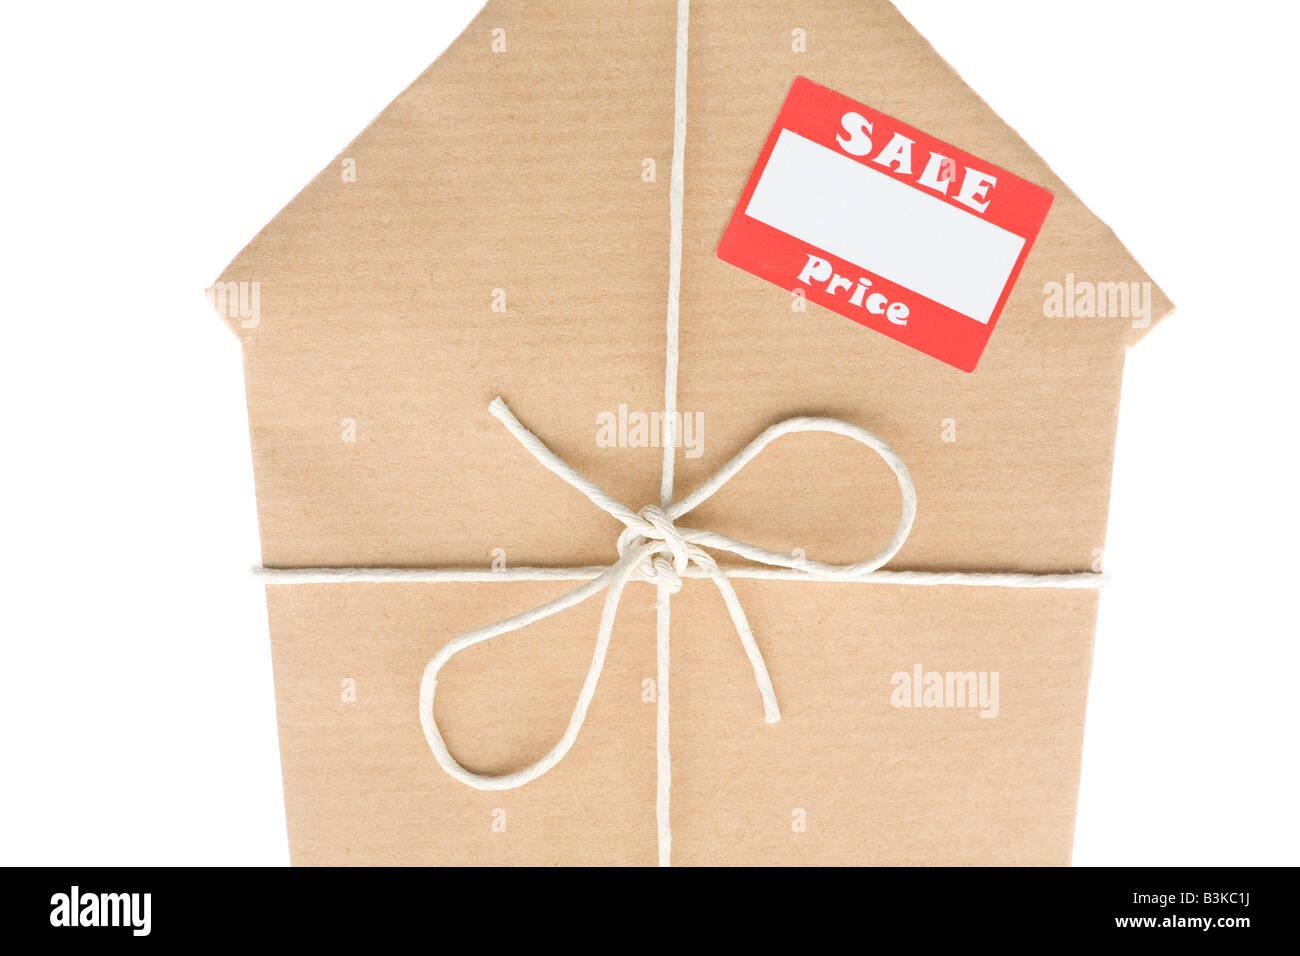 Foto de estudio de Casa envuelto en papel marrón con venta Sticker Imagen De Stock